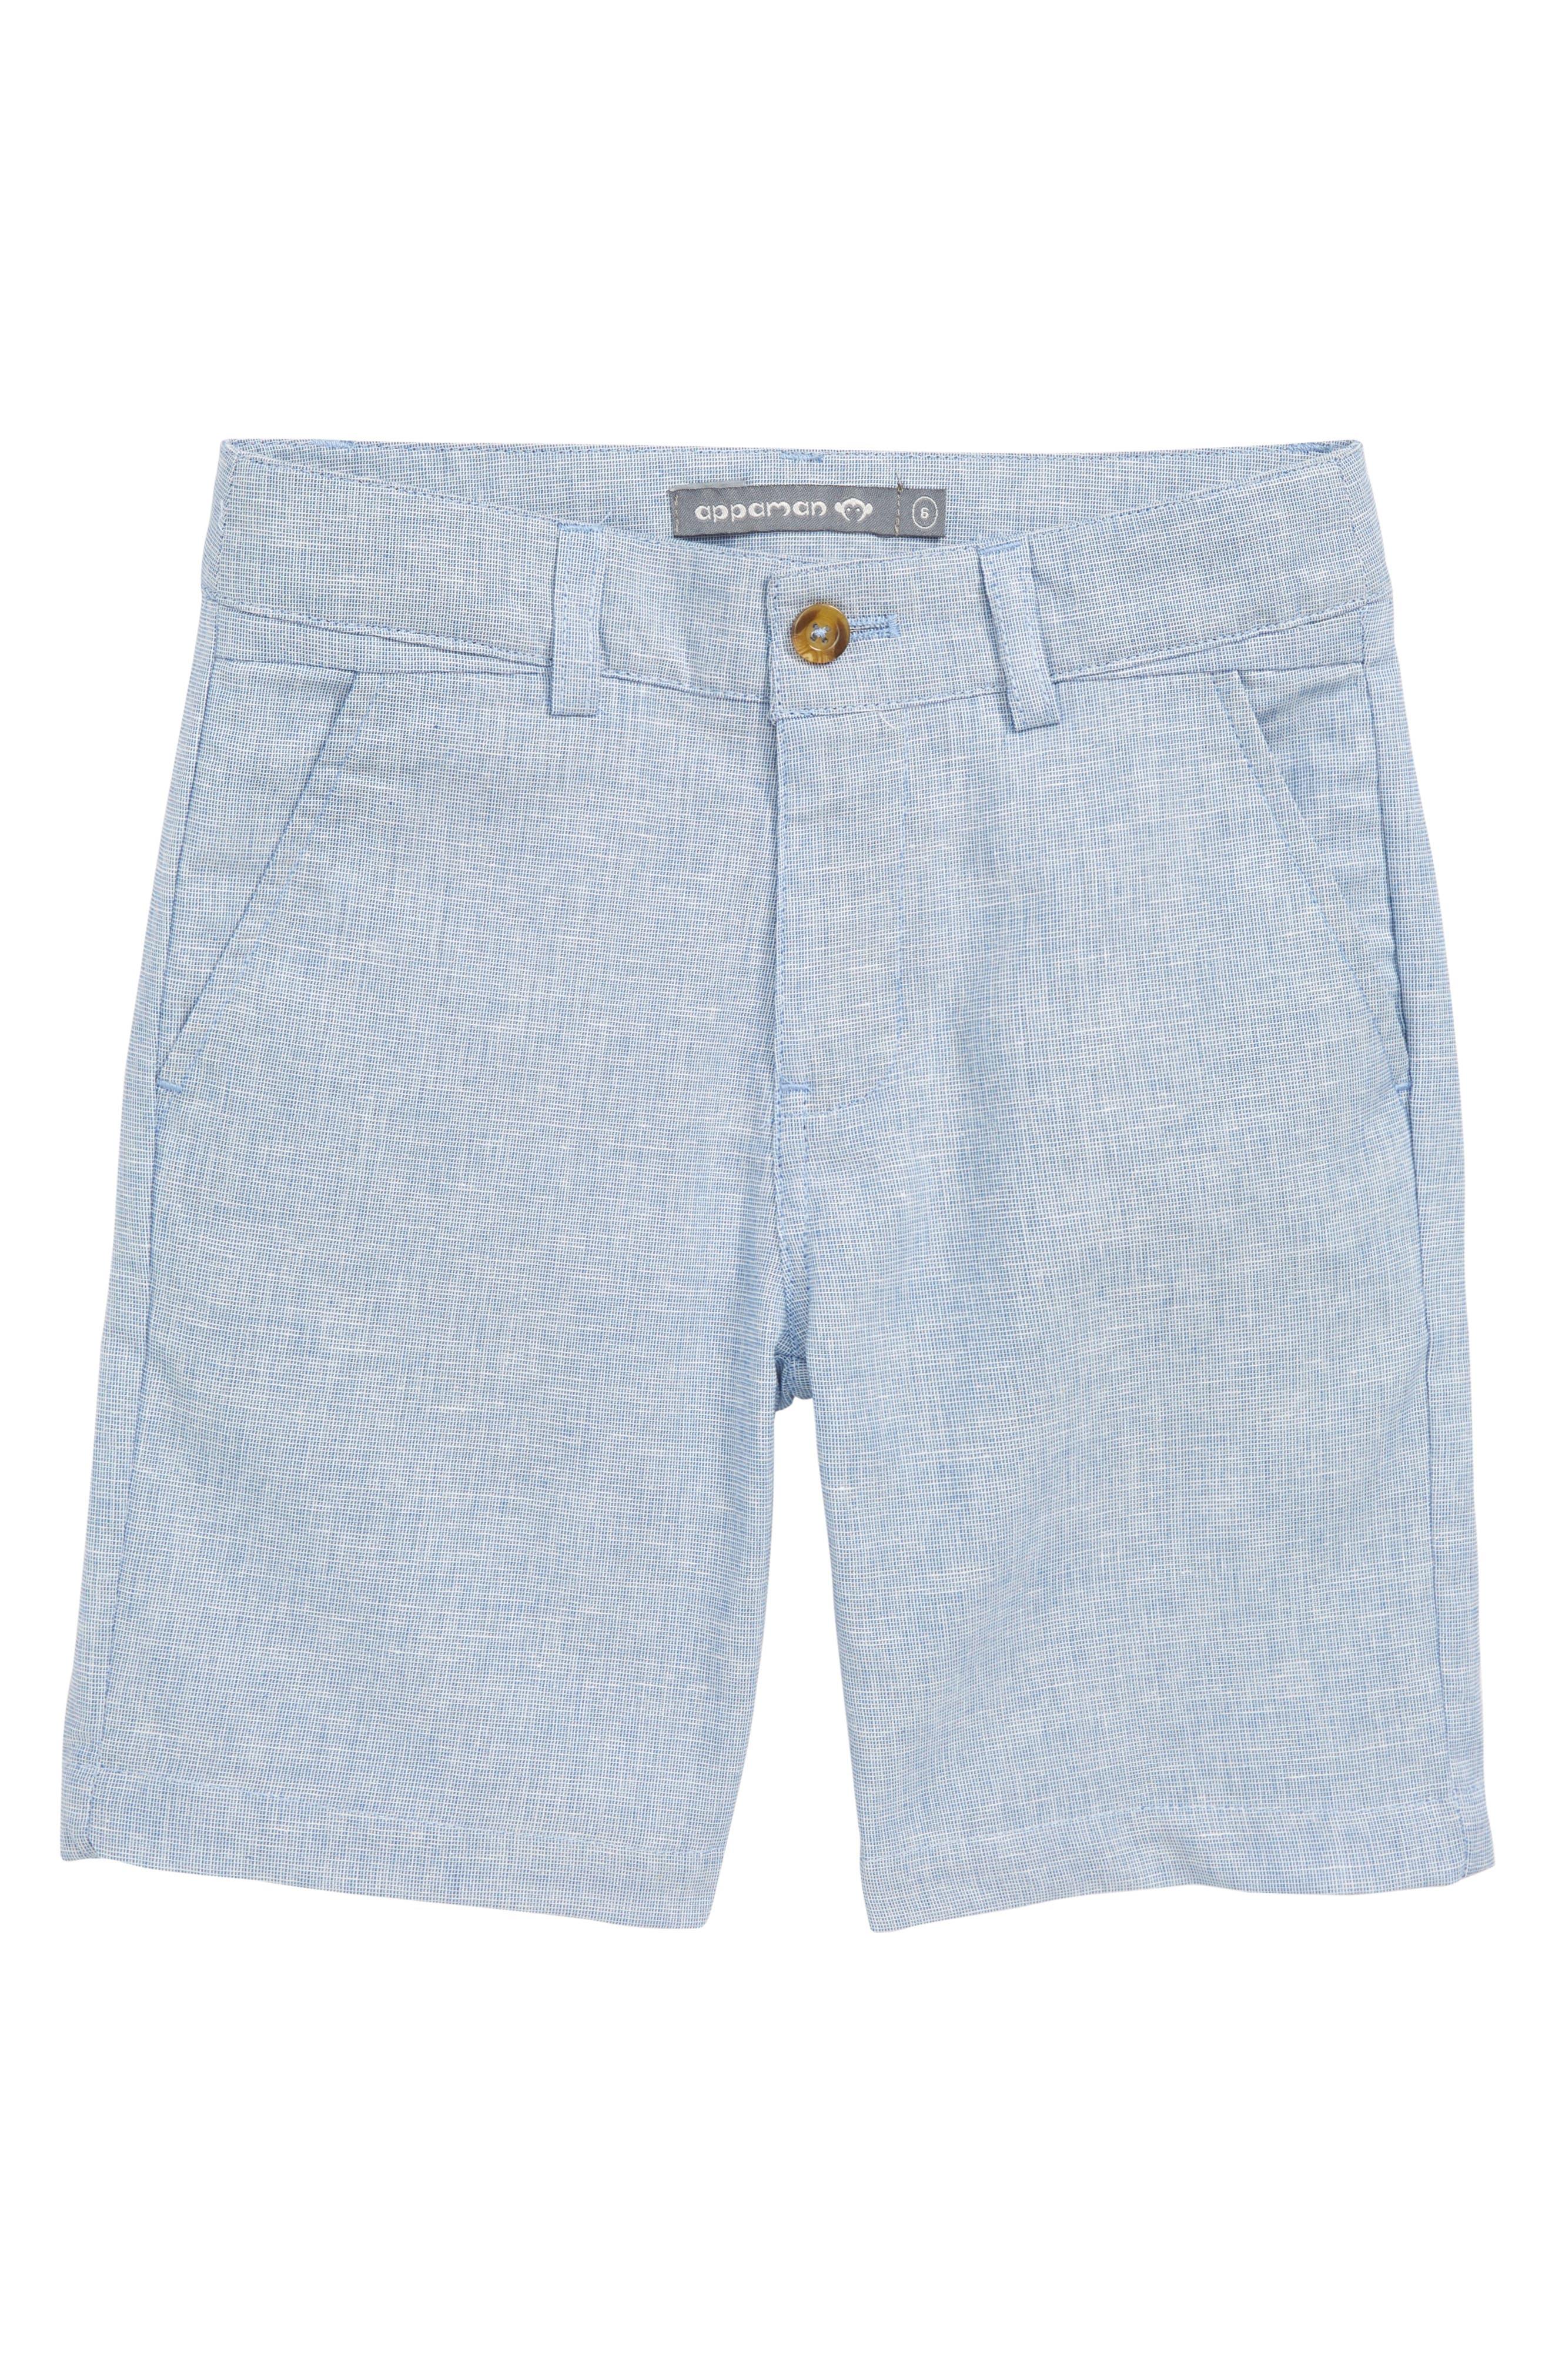 Trouser Shorts,                         Main,                         color, 459